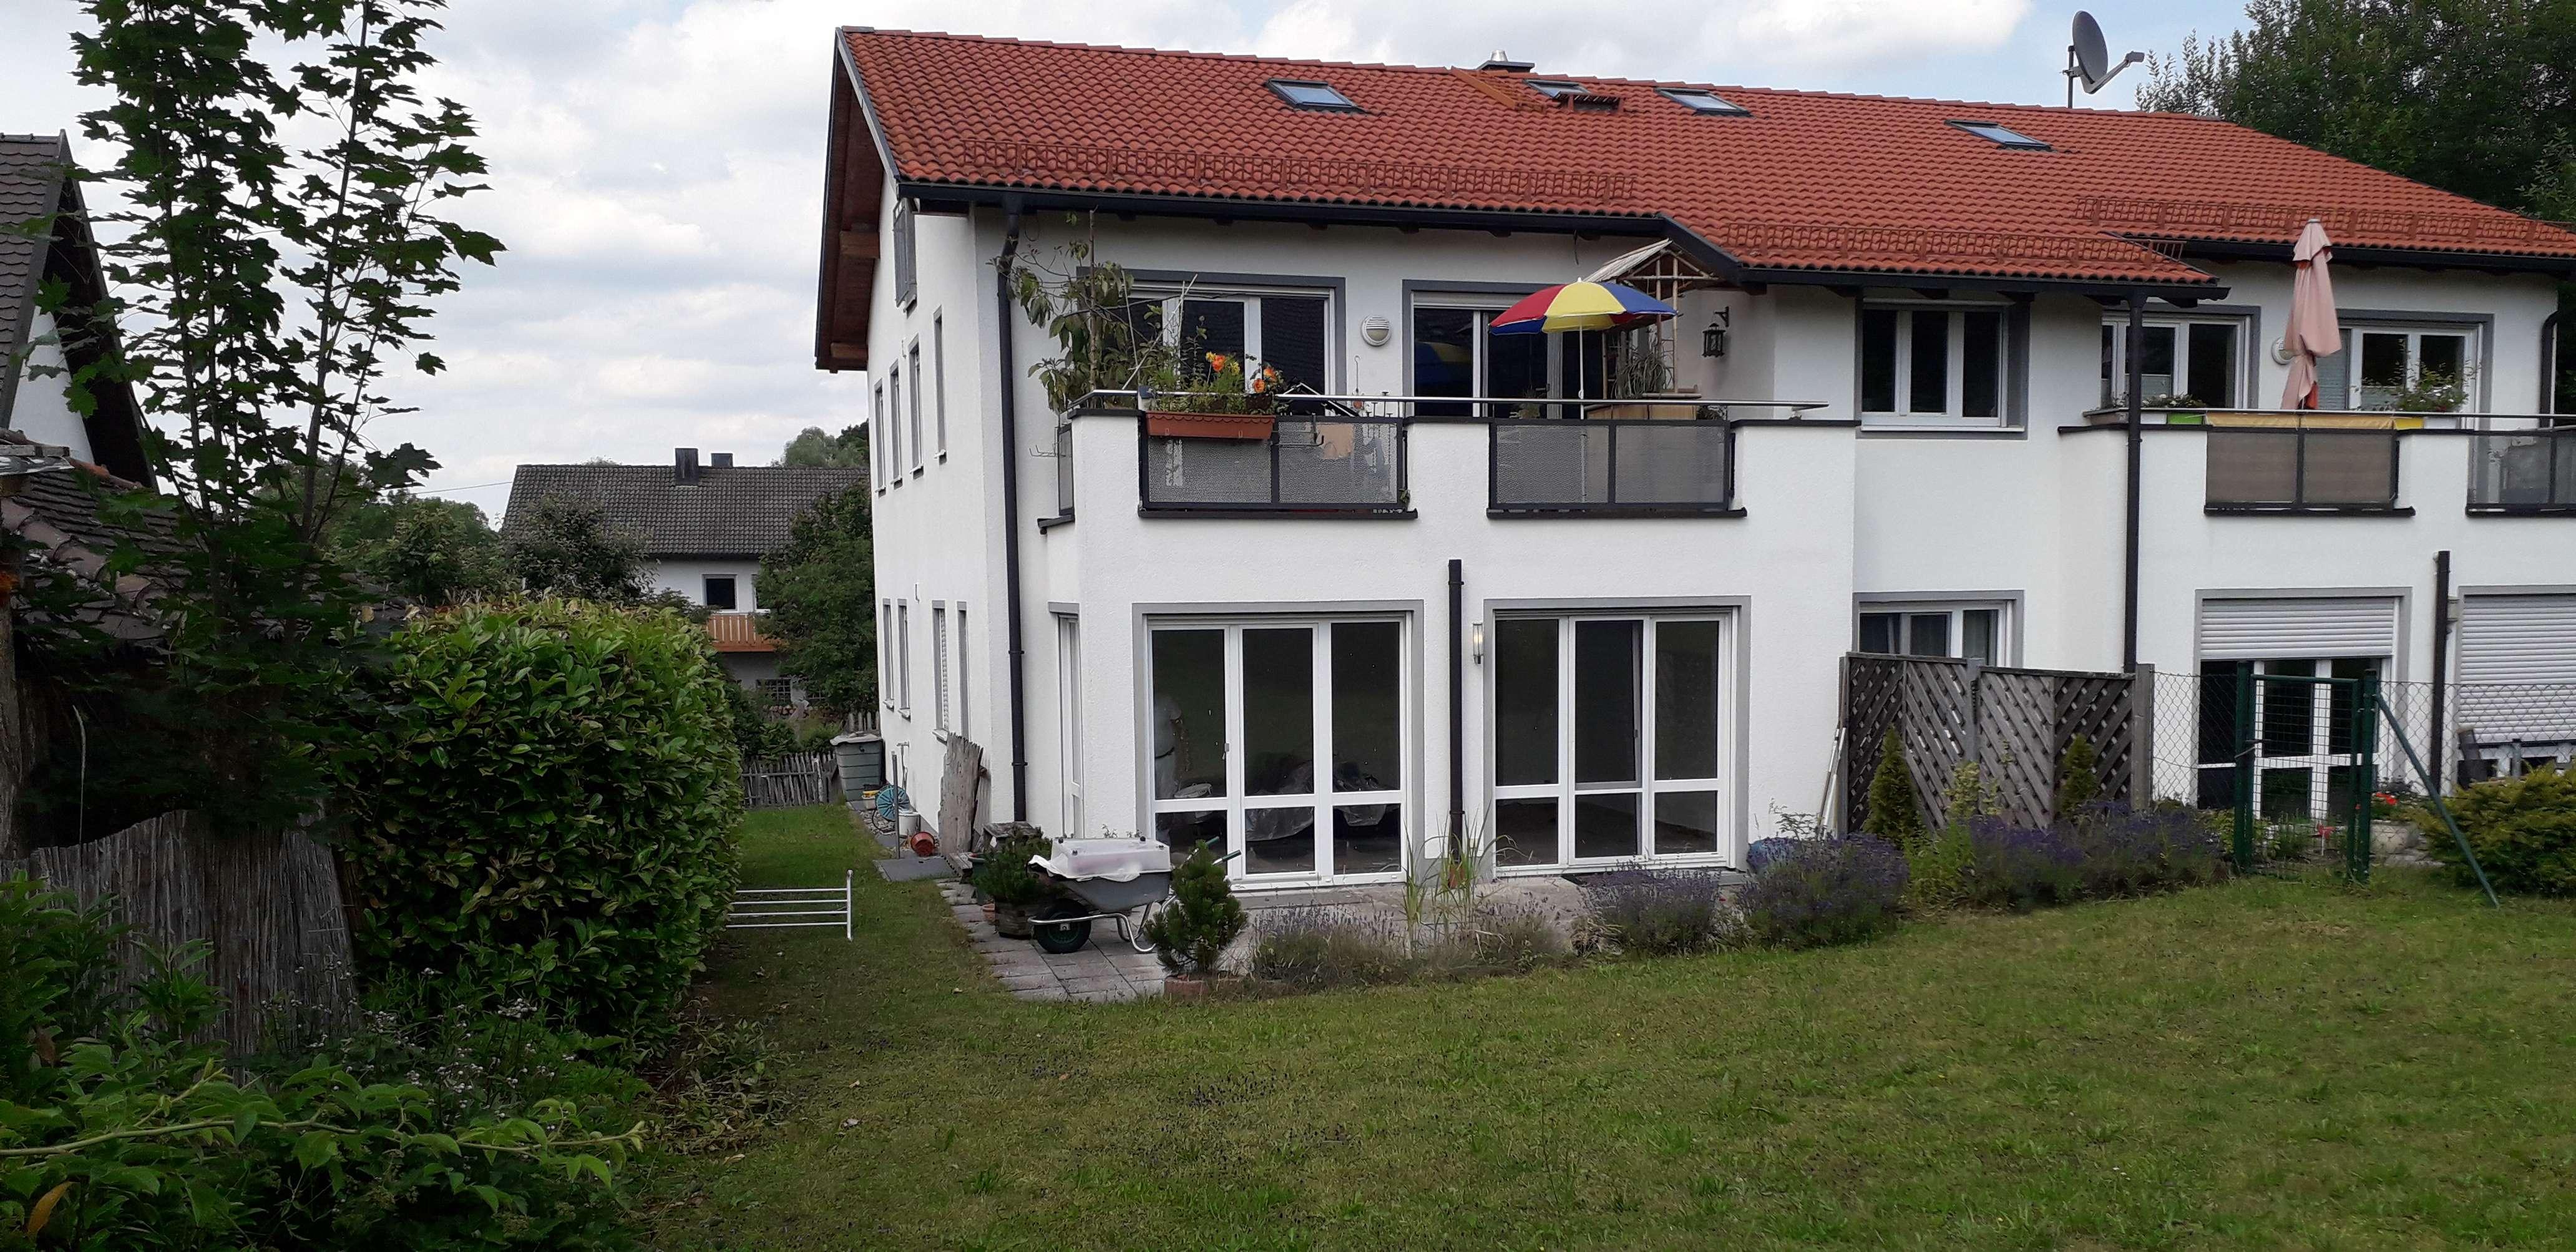 Moderne 3-Zimmer- Wohnung mit voll ausgebautem Souterain und eigenem Gartenanteil in Türkenfeld